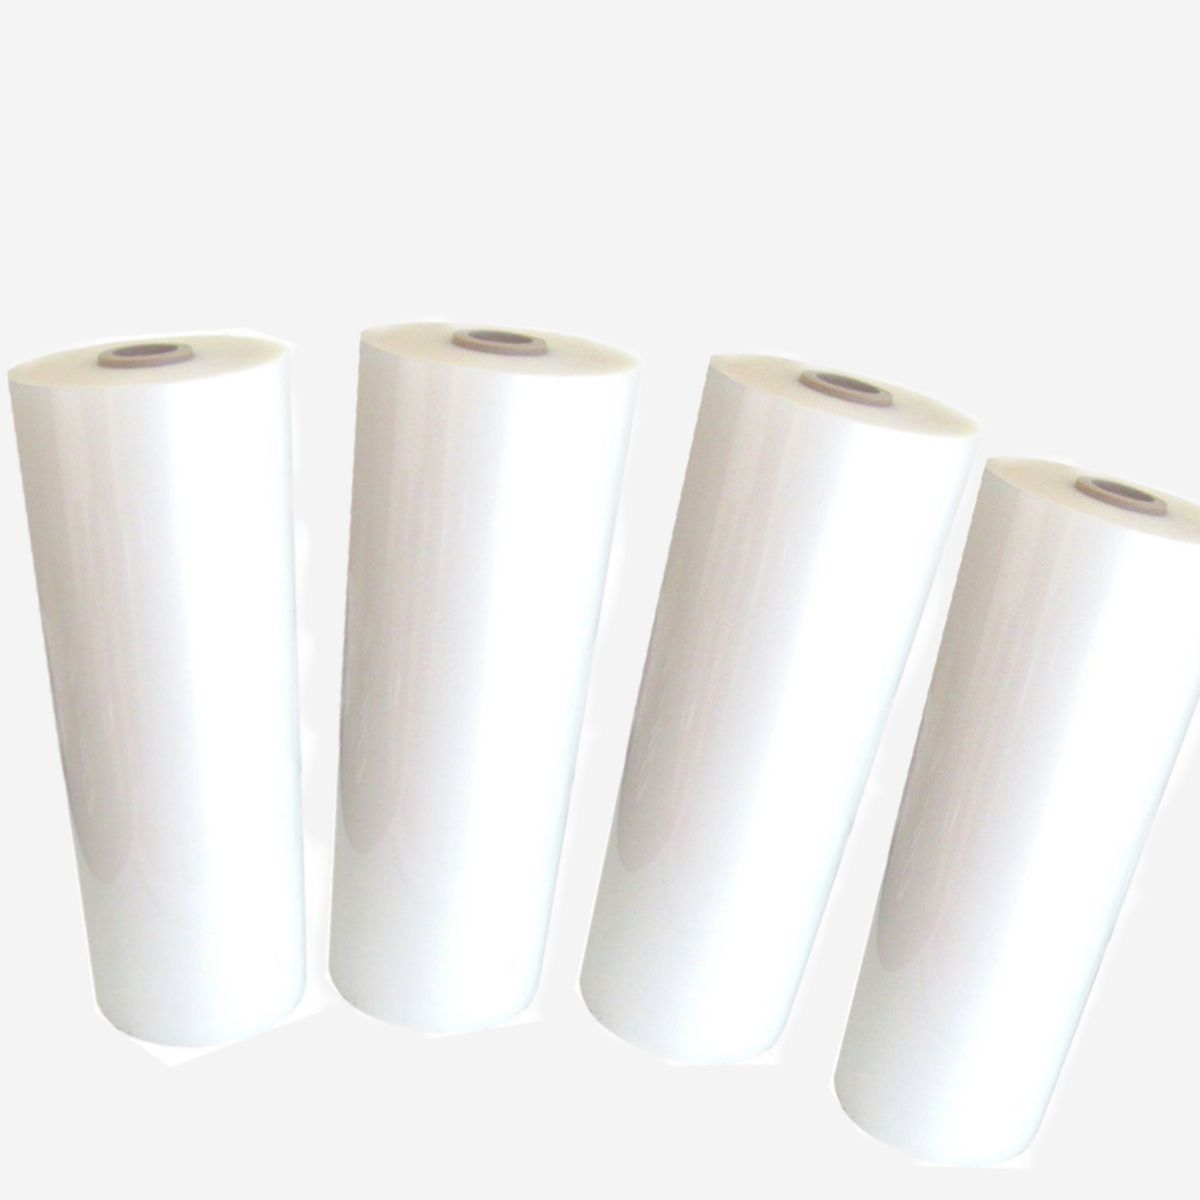 Kit de Bobinas para Plastificação A4/Ofício 04 bobinas